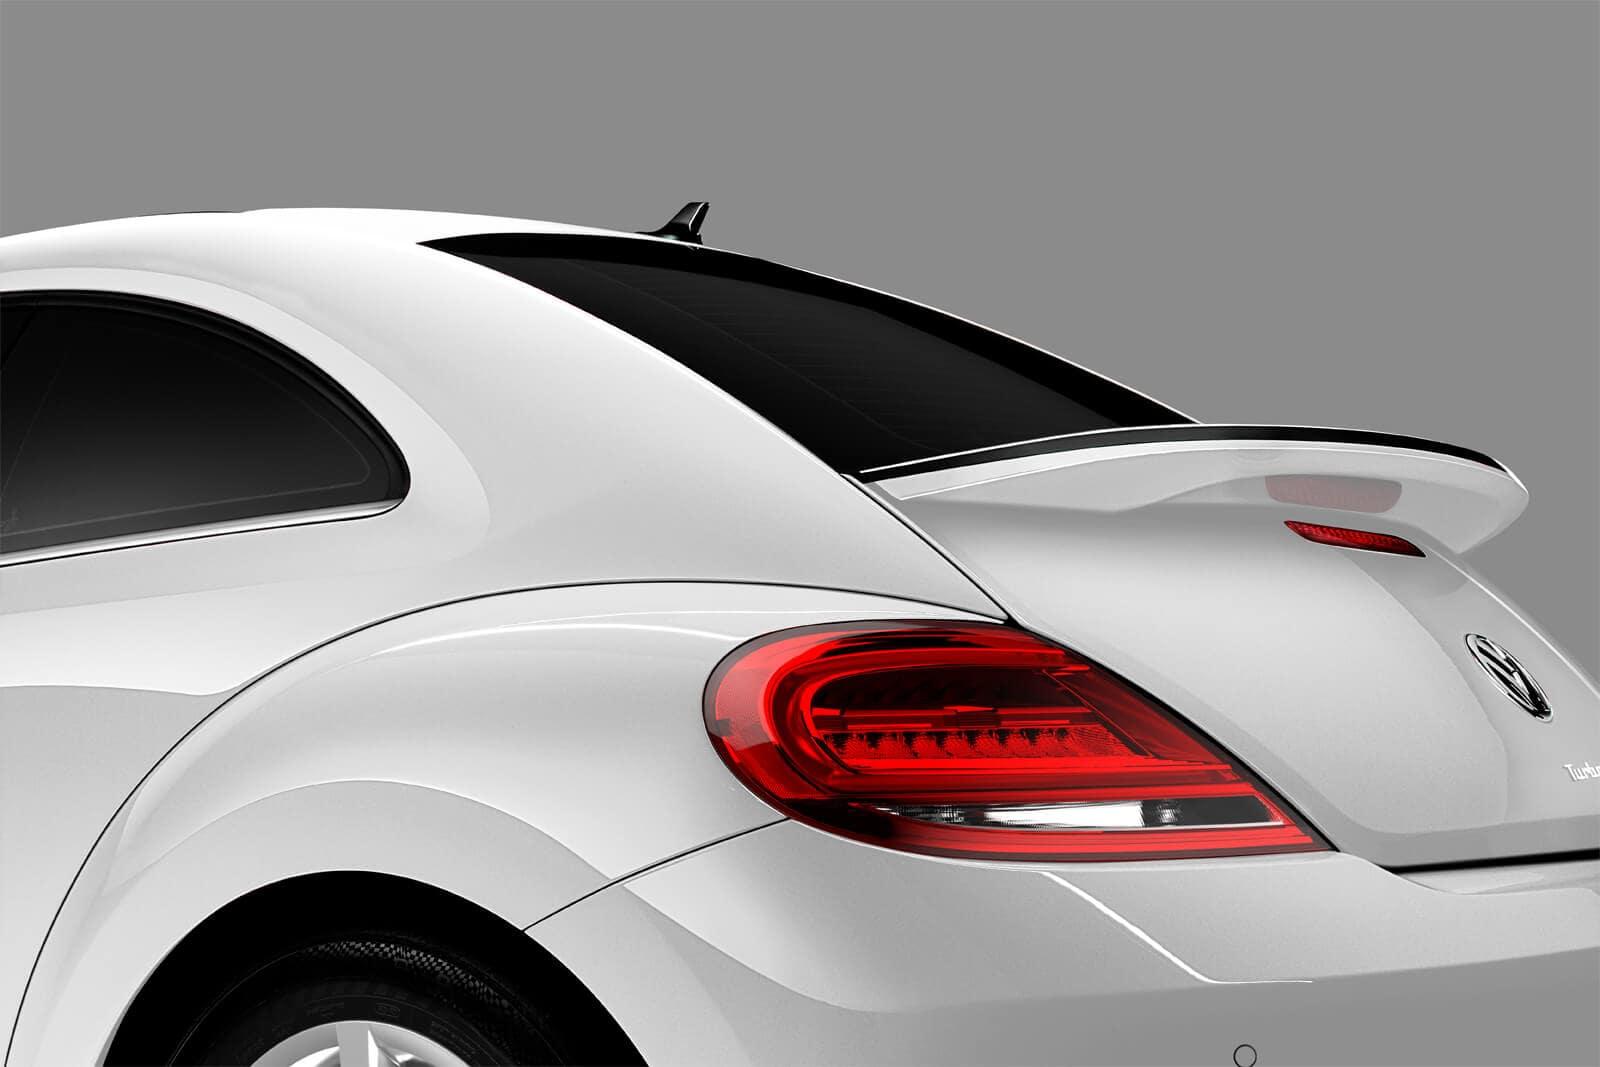 2019 VW Beetle Rear